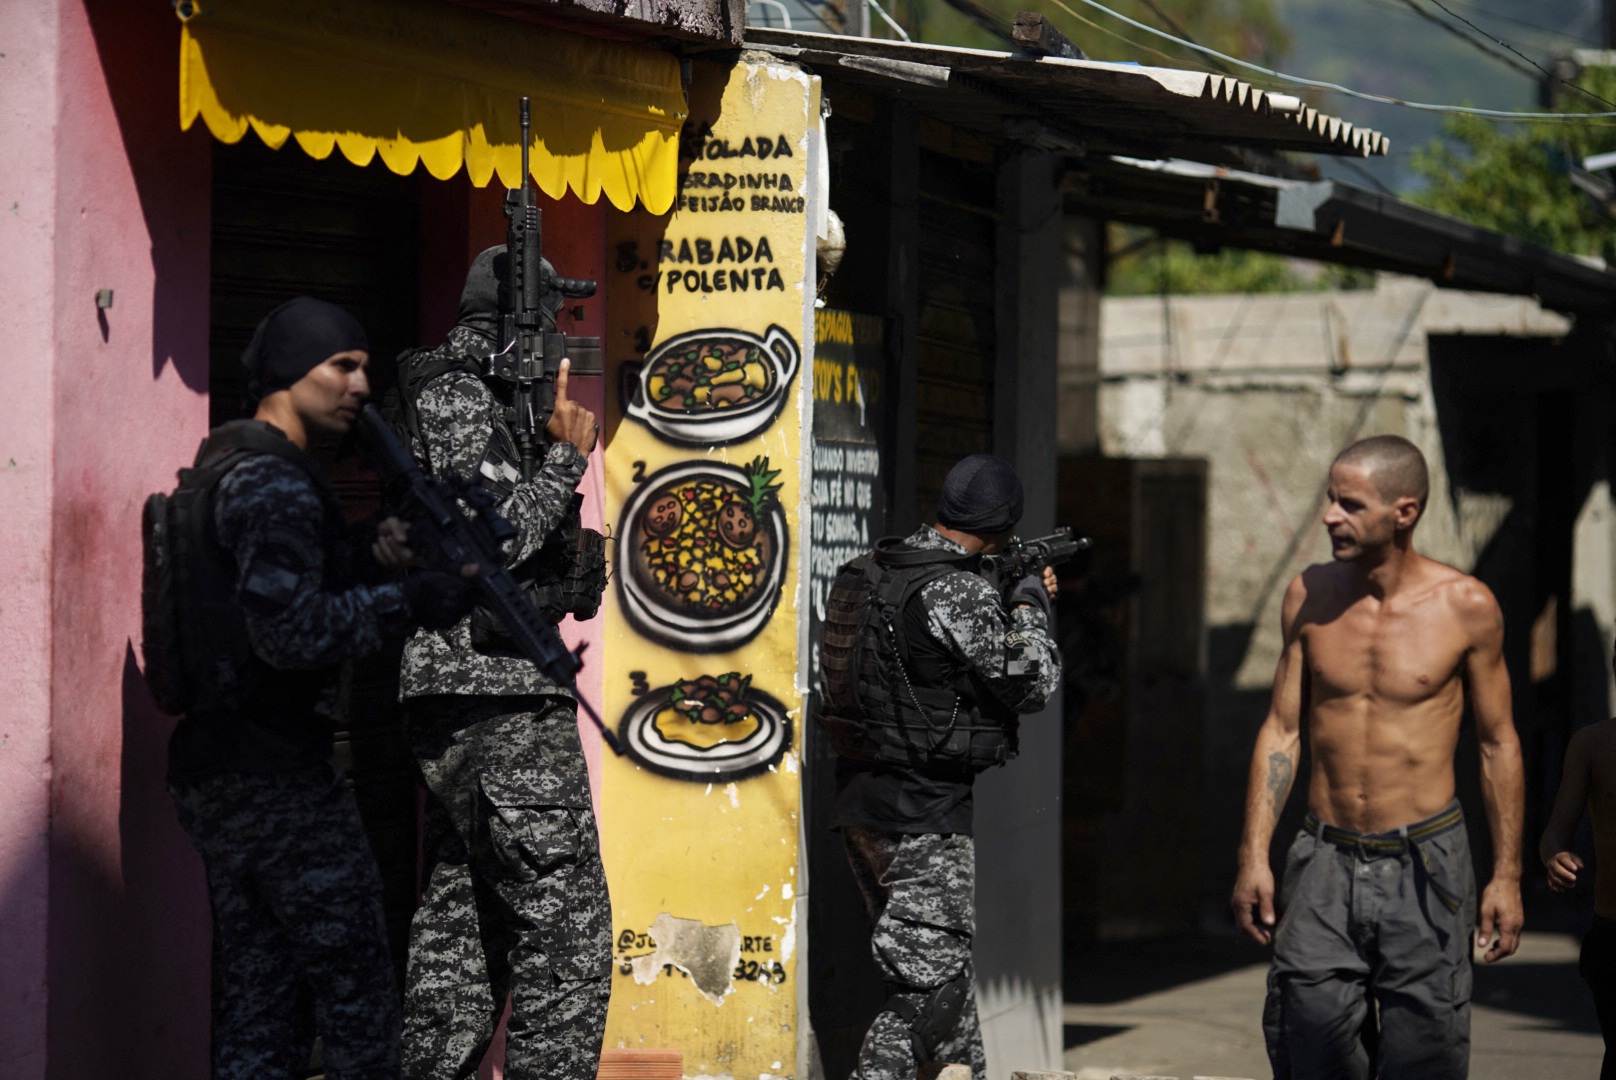 Legalább 25 ember meghalt egy rajtaütésben Rio de Janeiro egyik nyomornegyedében